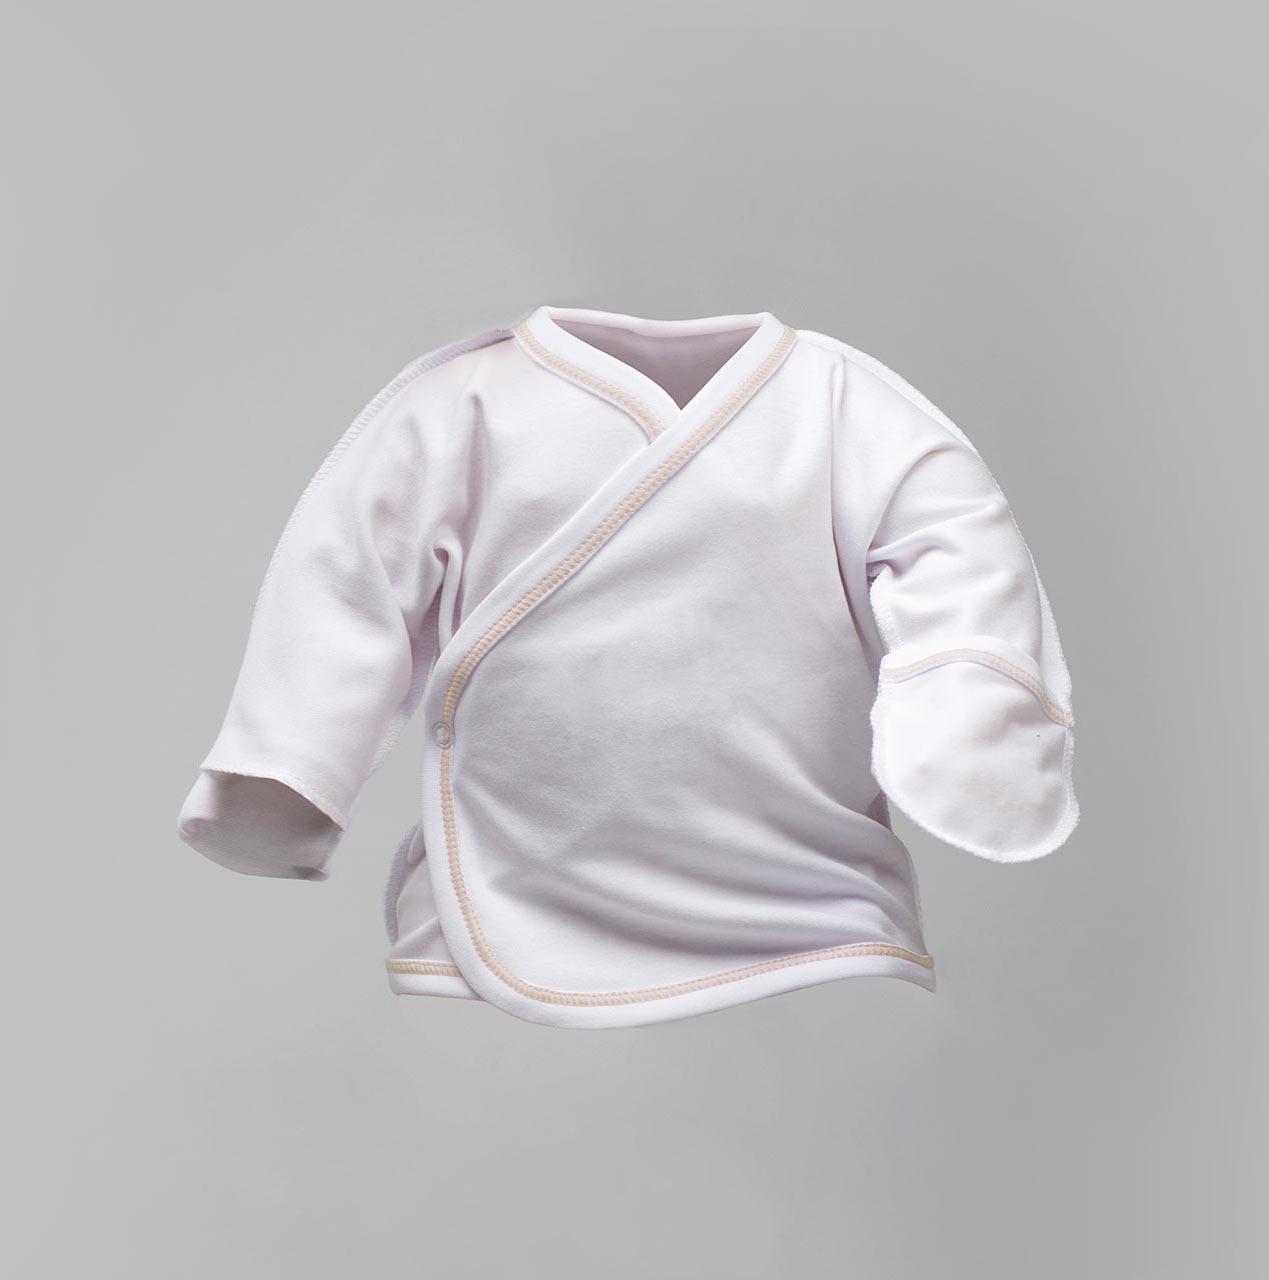 Распашонка белая для новорожденных, под нитку капучино Интерлок |  Льоля біла Victory для хлопчиків